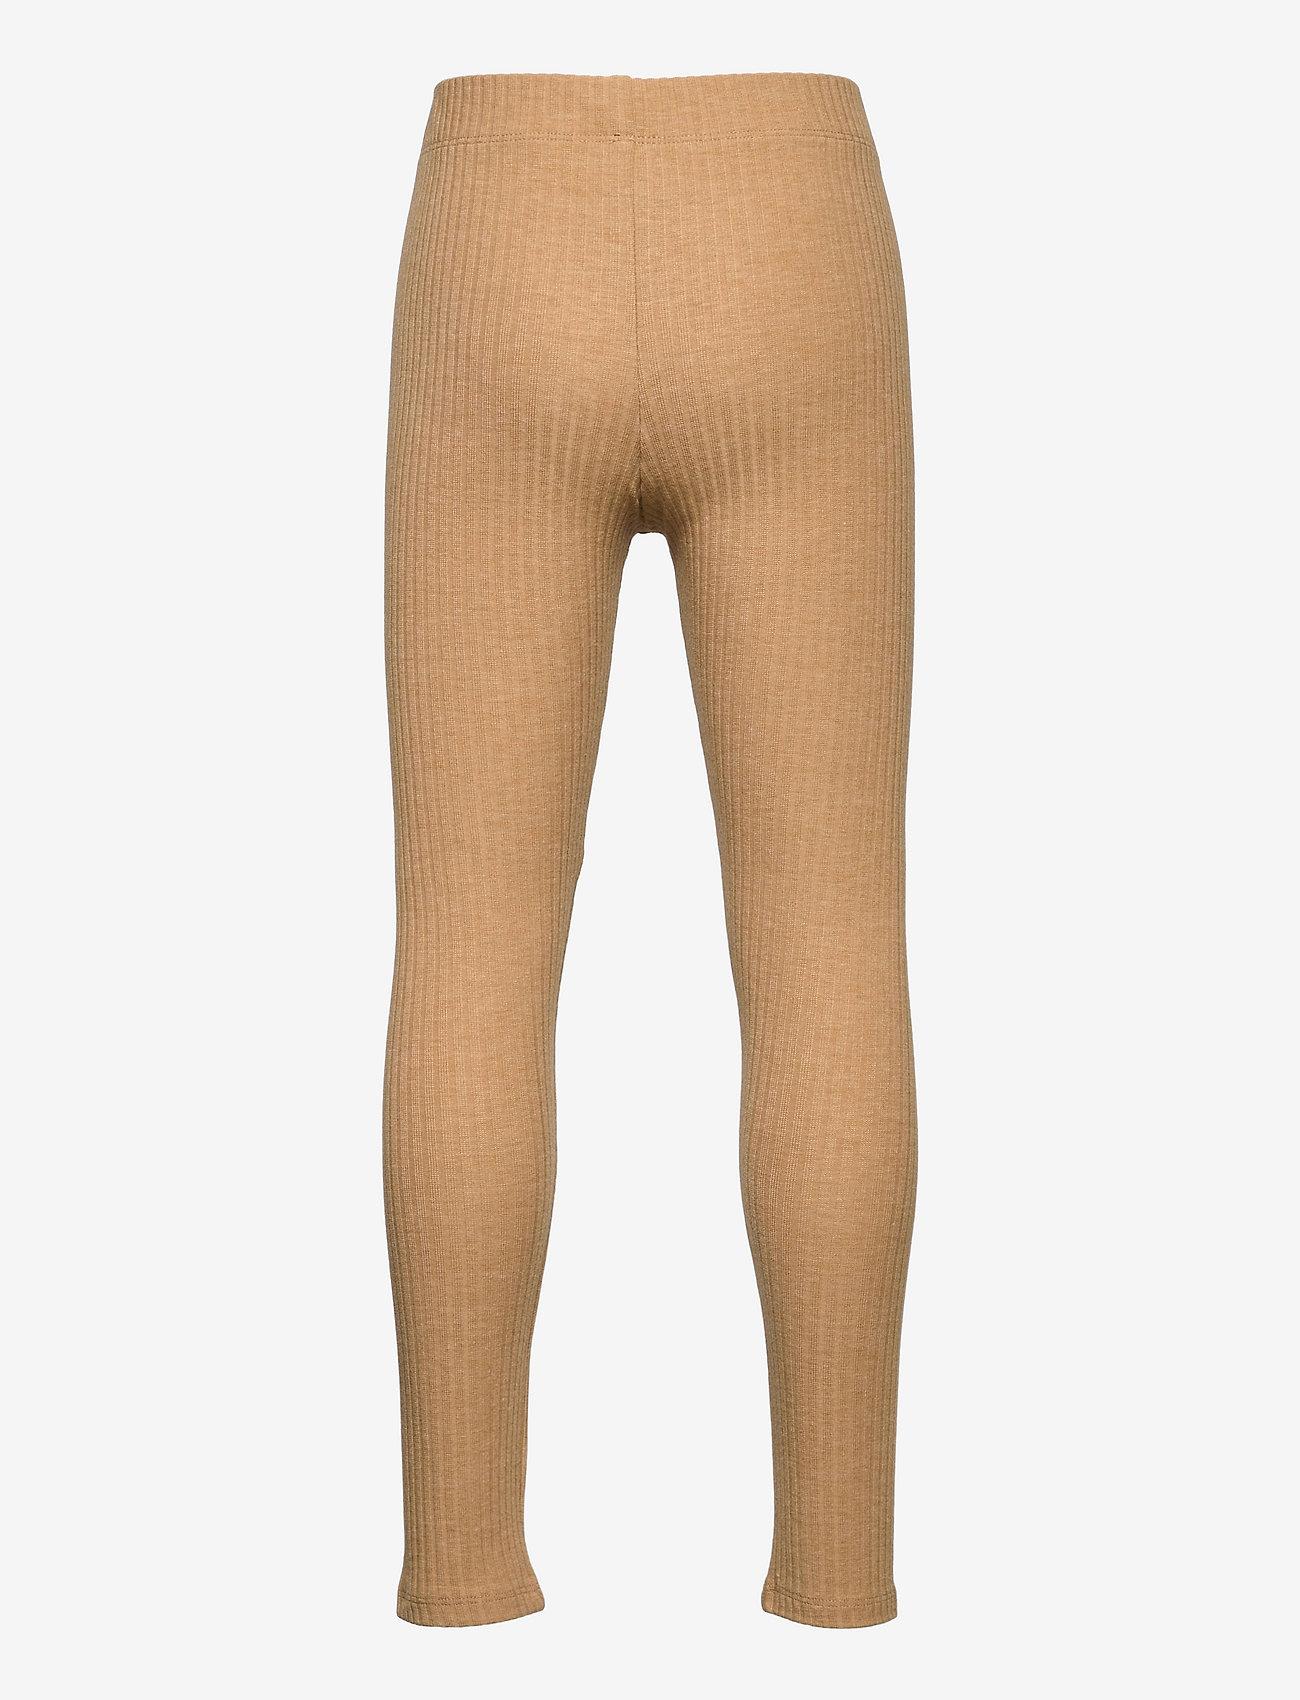 Kids Only - KONNELLA LEGGINS JRS - leggings - tannin - 1